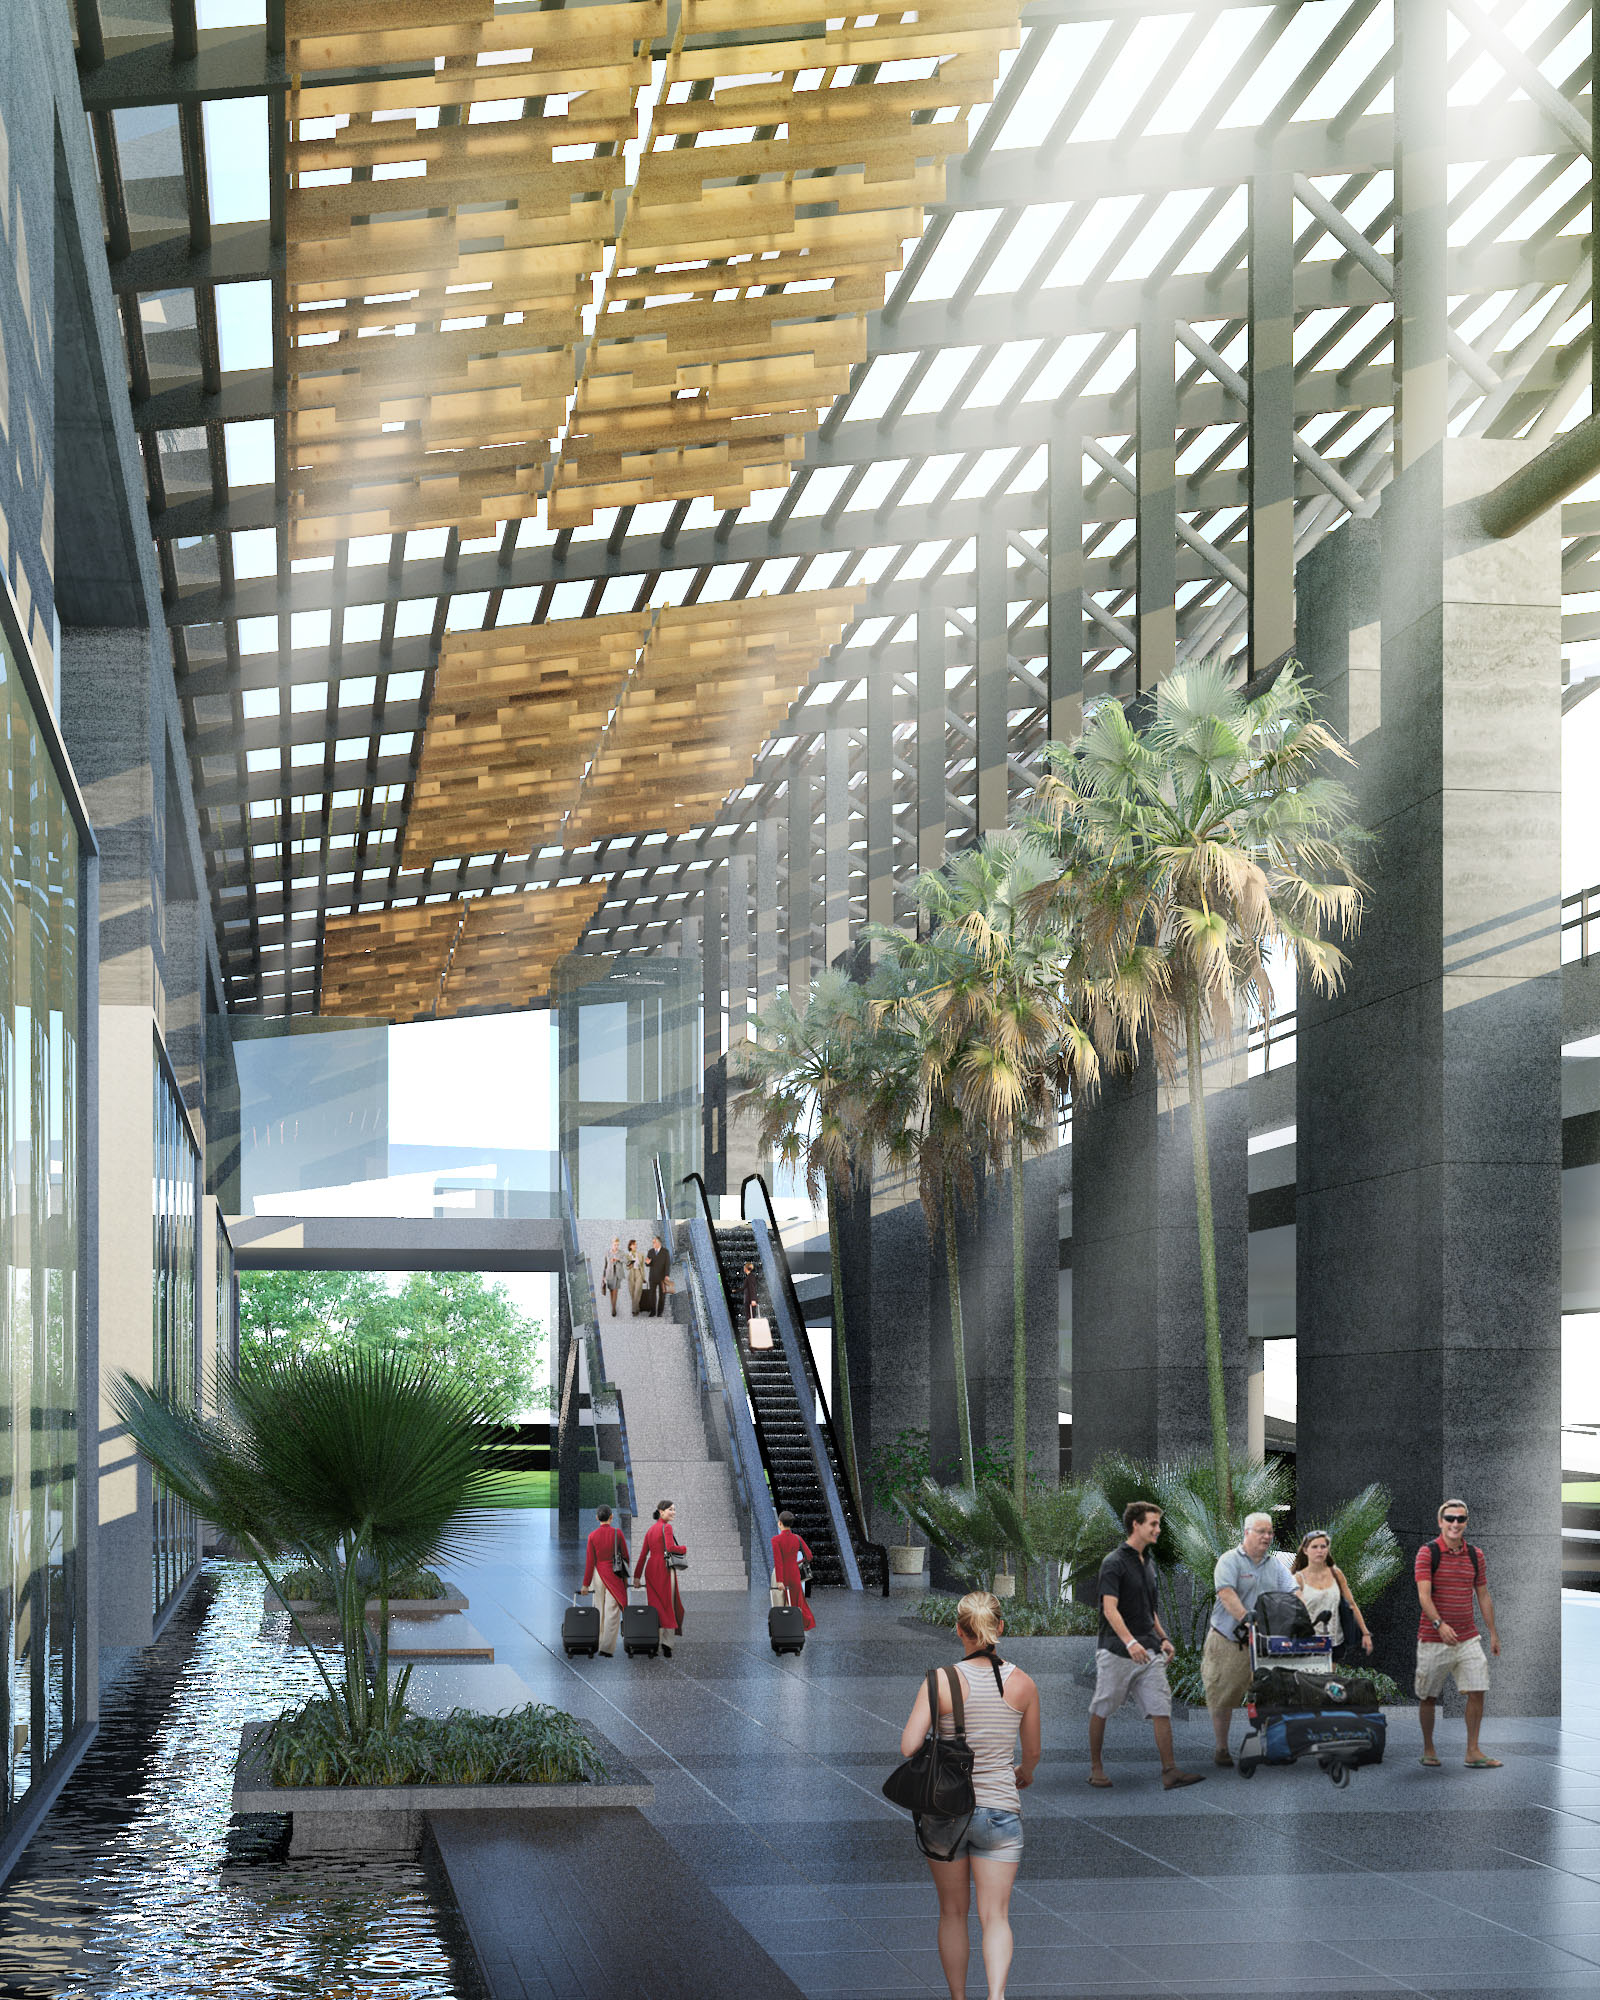 Vietnam Airport Scheme 5_atrium plaza_02-web.jpg